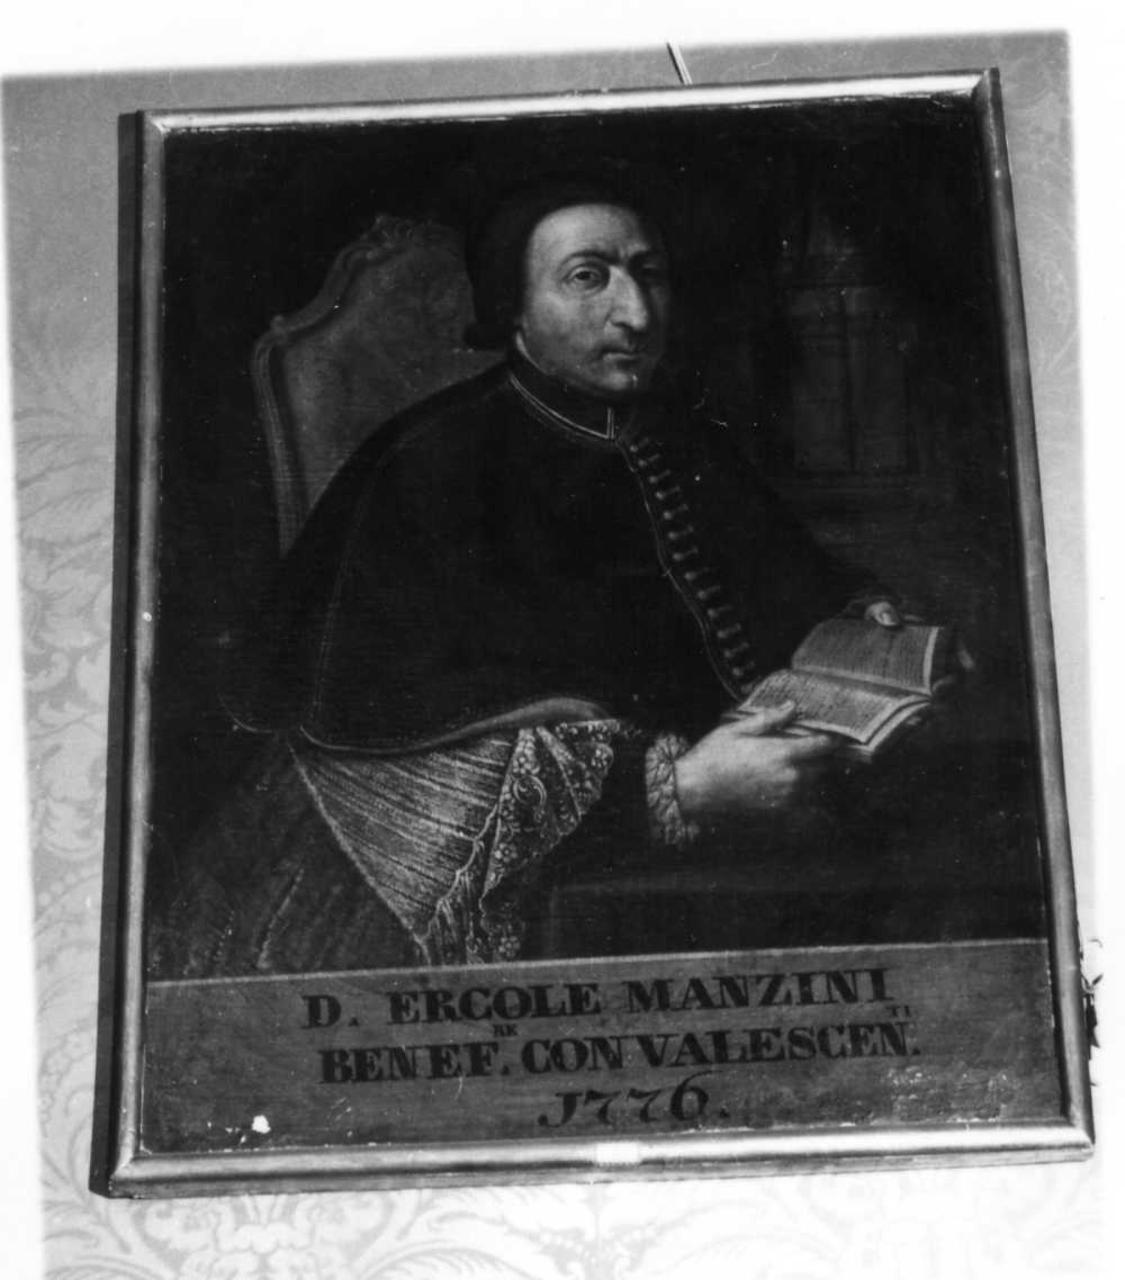 Don Ercole Manzini (dipinto) - ambito modenese (seconda metà sec. XVIII)